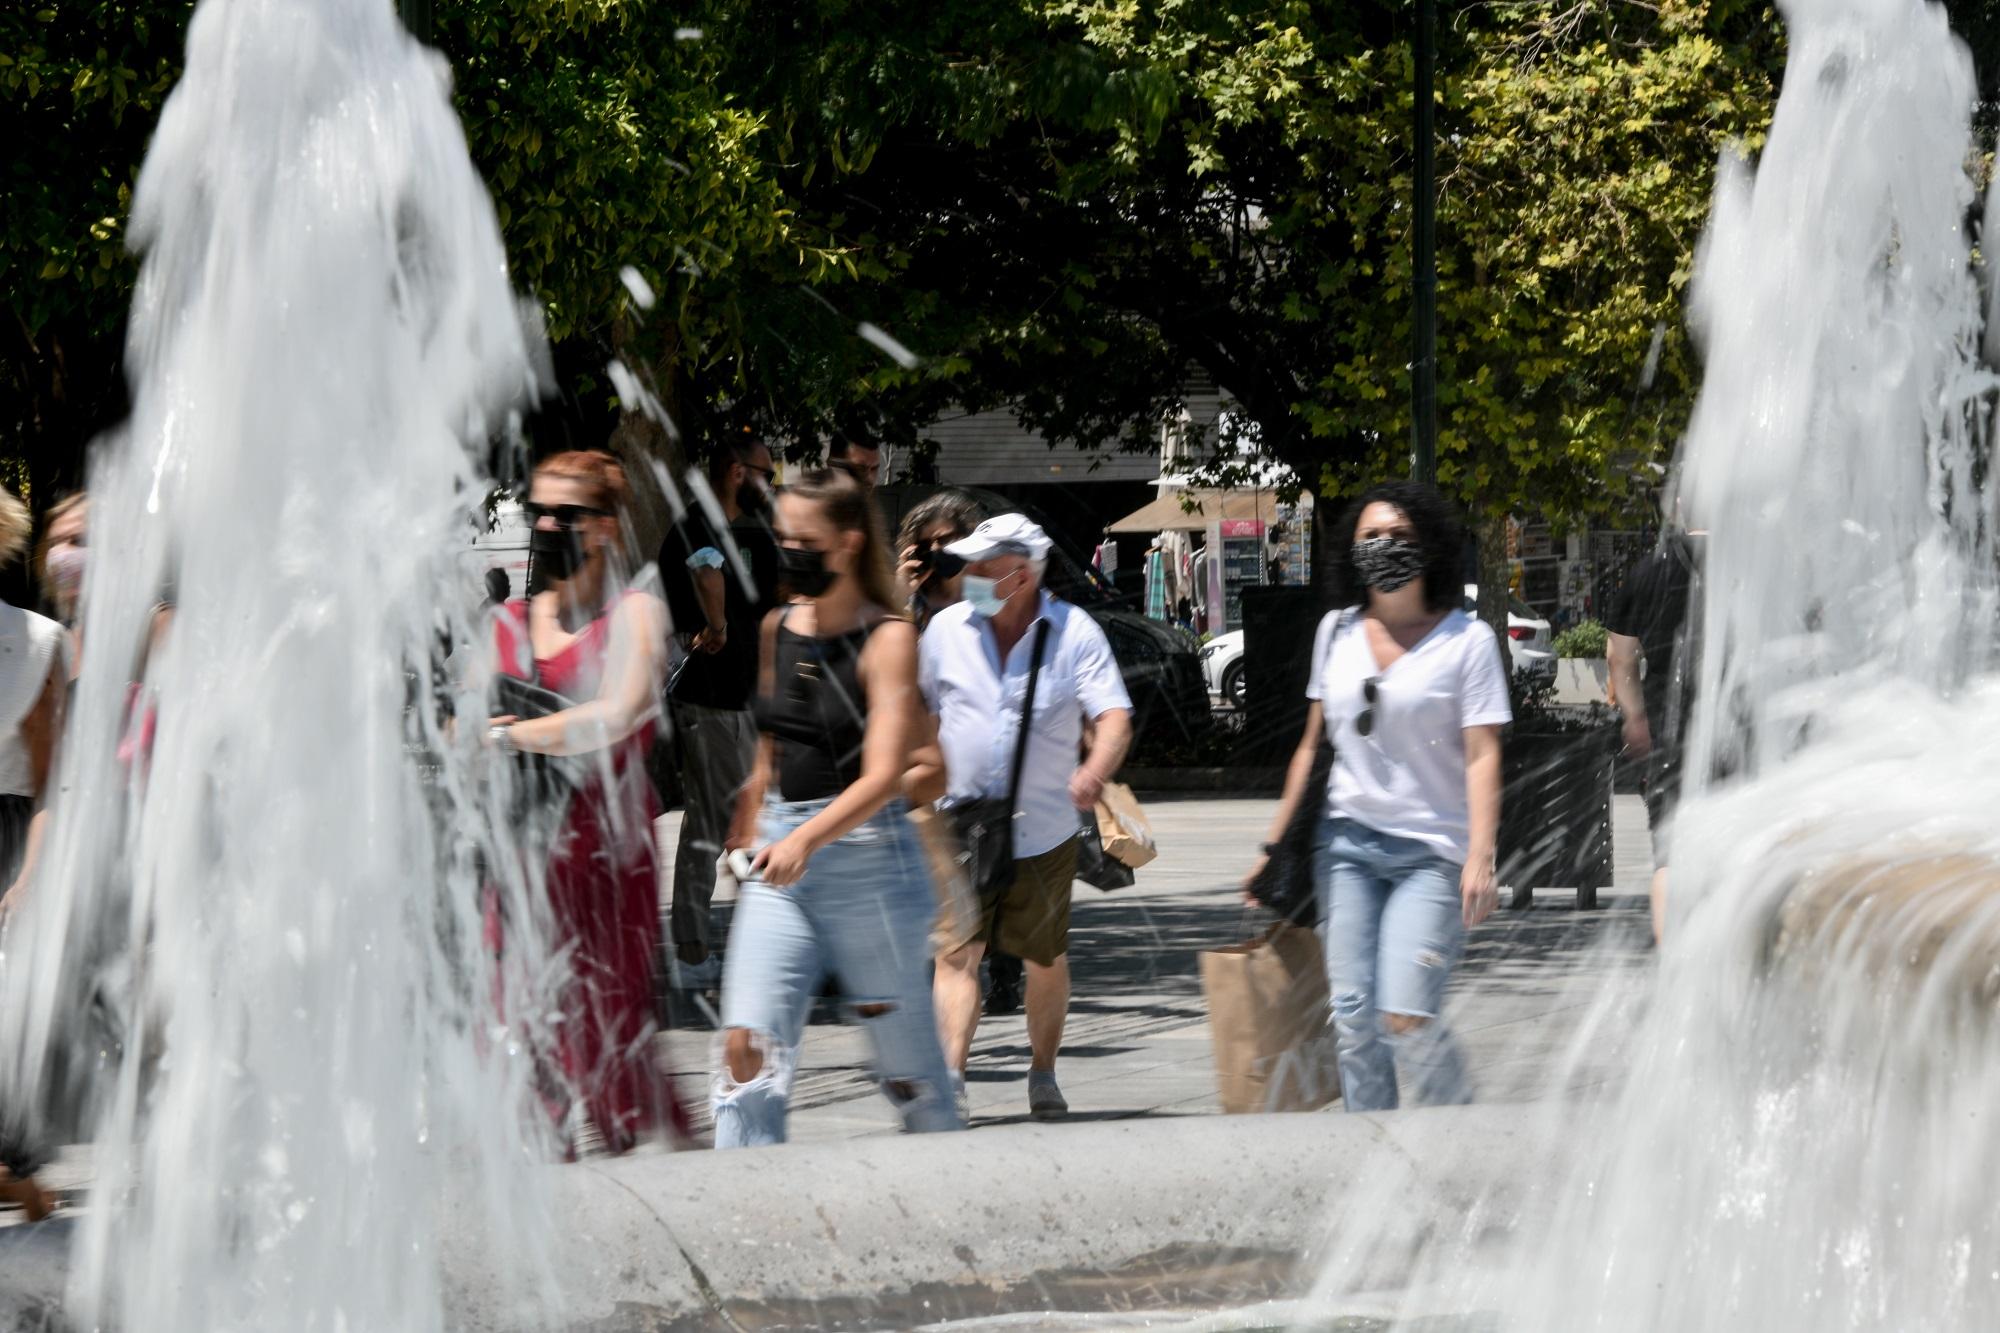 Δήμος Αθηναίων: Κλιματιζόμενες αίθουσες ενόψει του καύσωνα